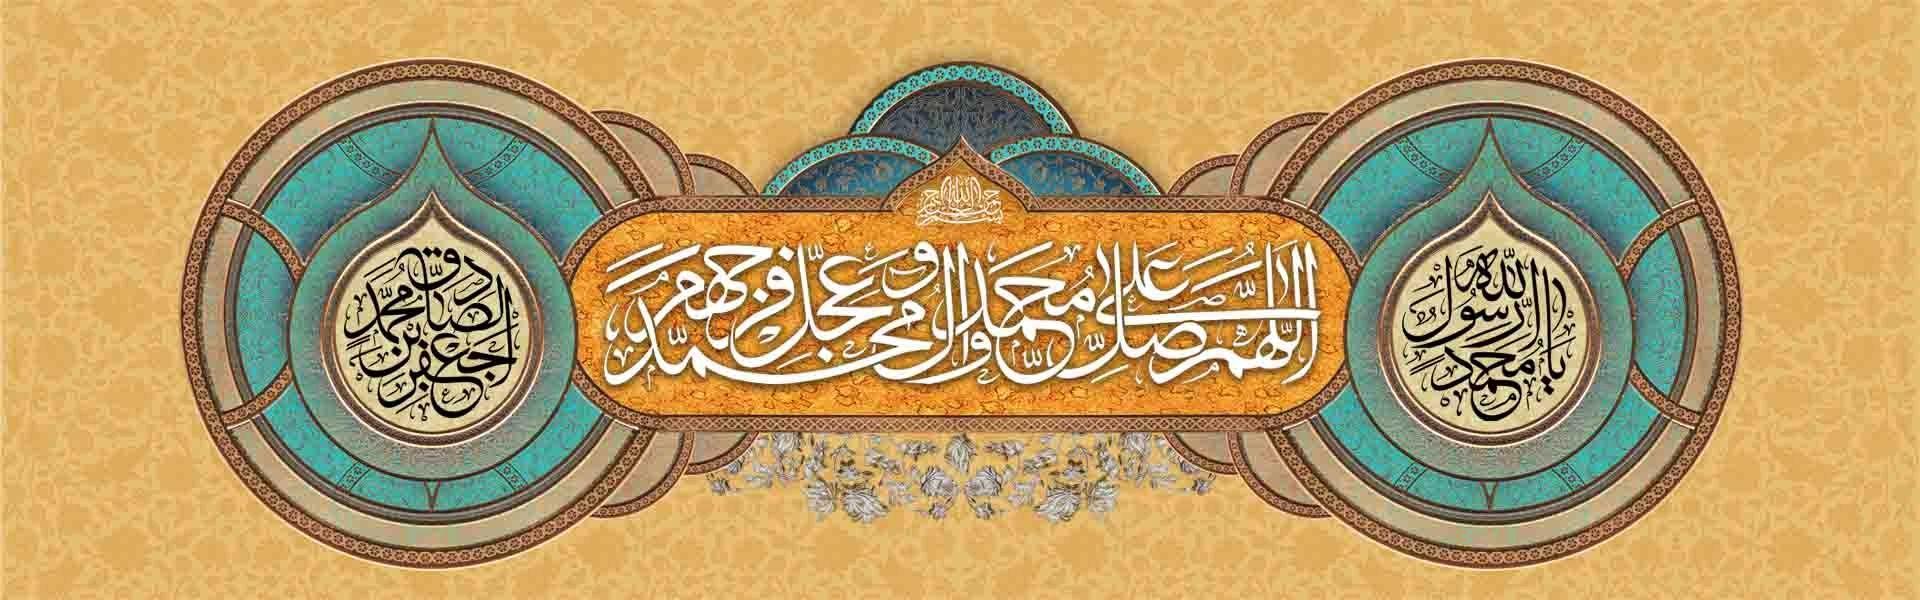 ولادت حضرت محمد (ص) و امام جعفر صادق (ع) گرامی باد